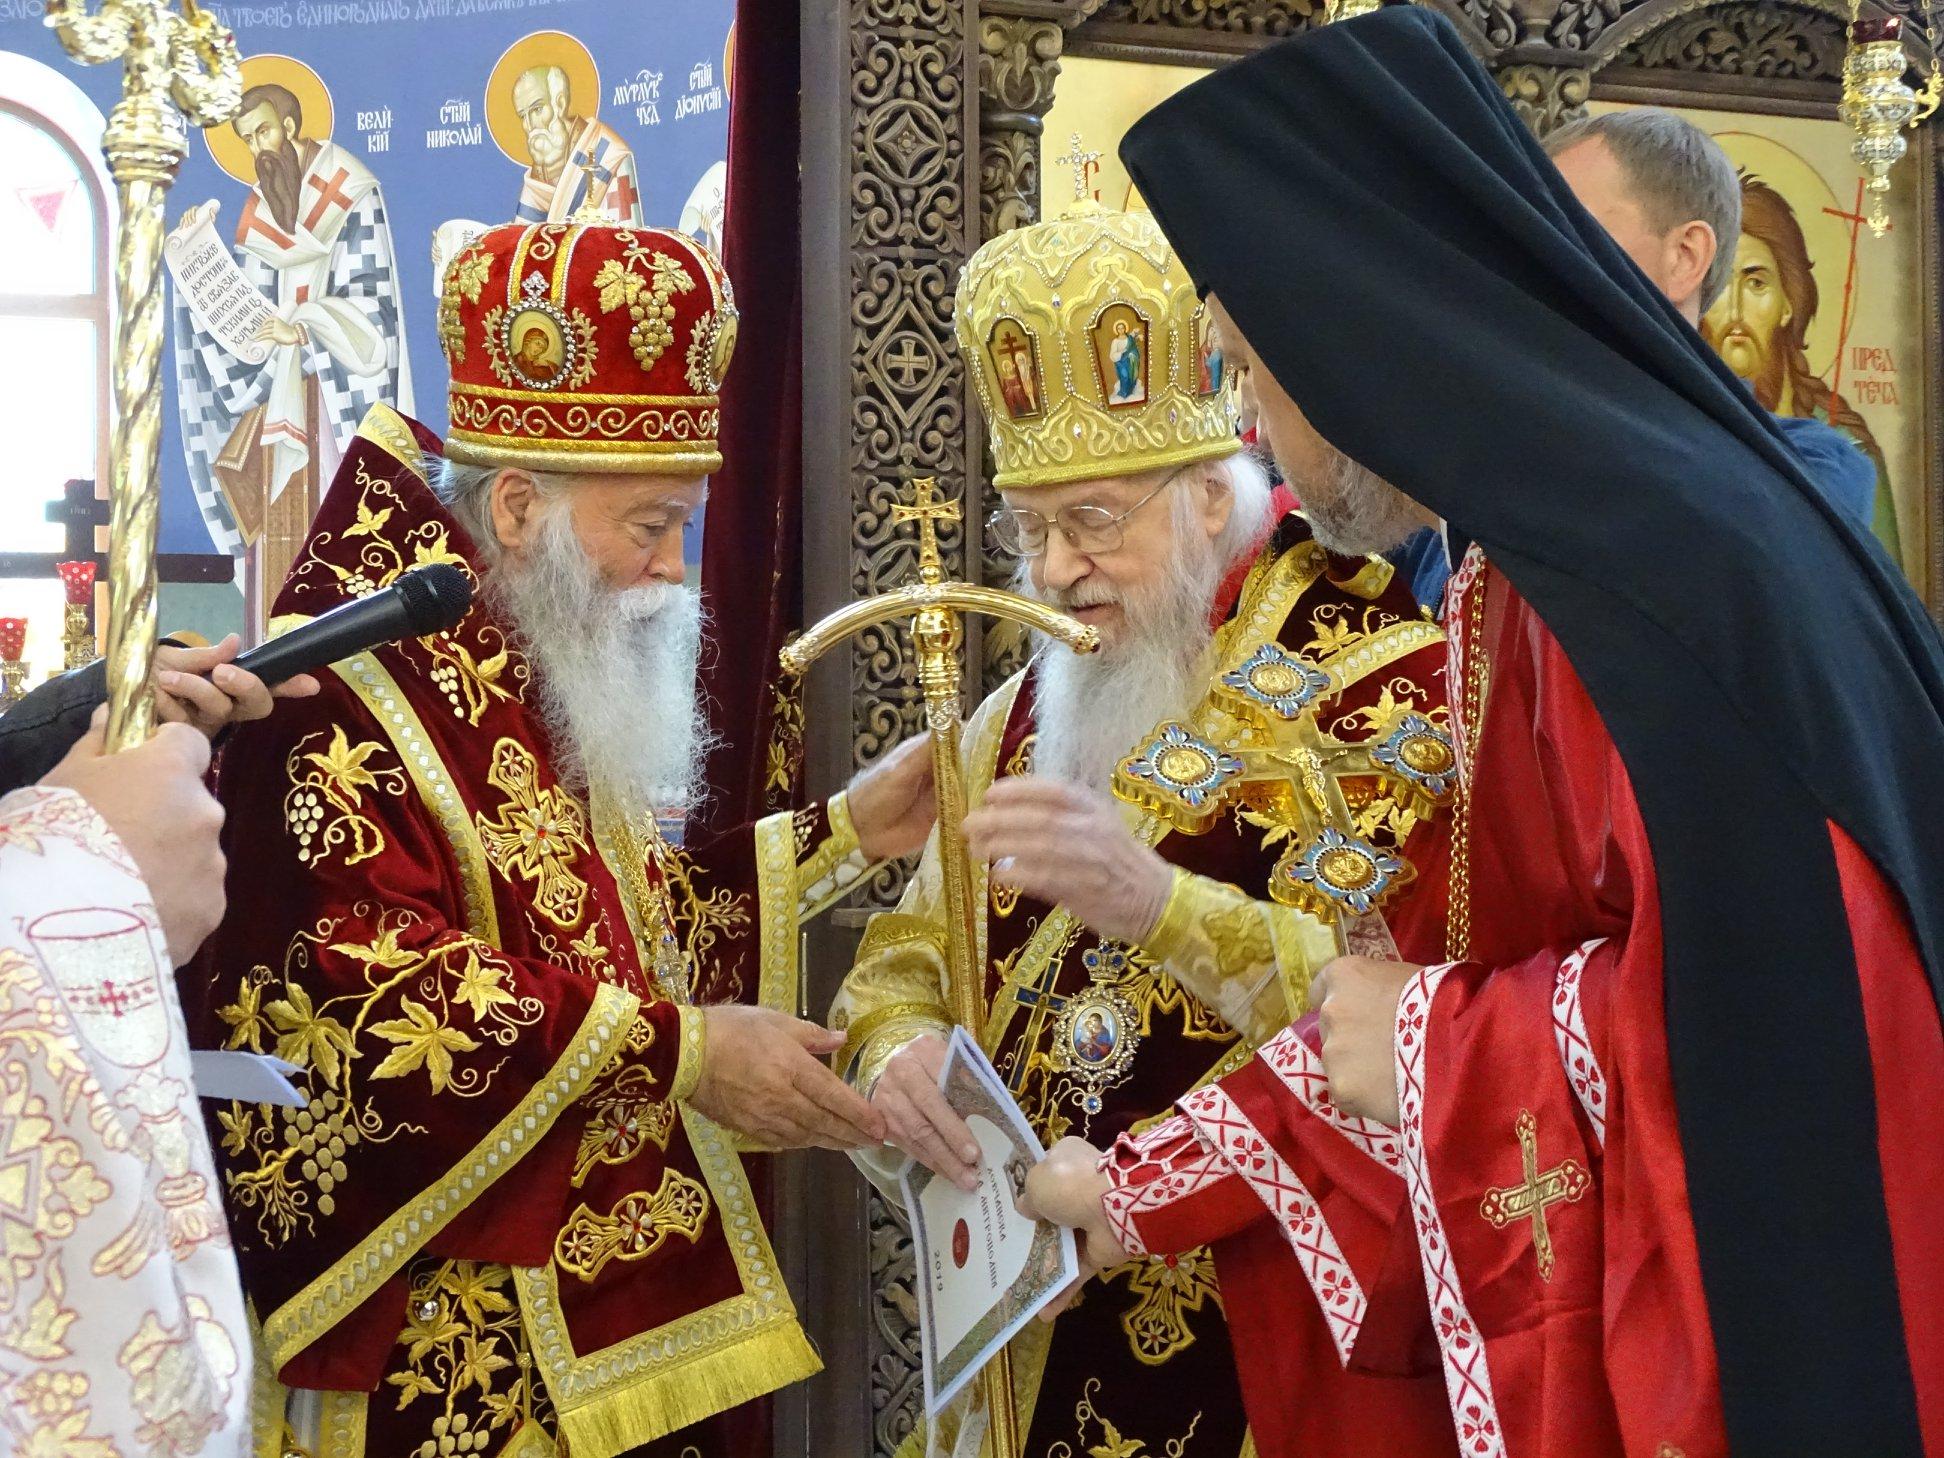 60209760_2387854311267534_5190158069555789824_o Всемирното Православие - Ловчанска епархия